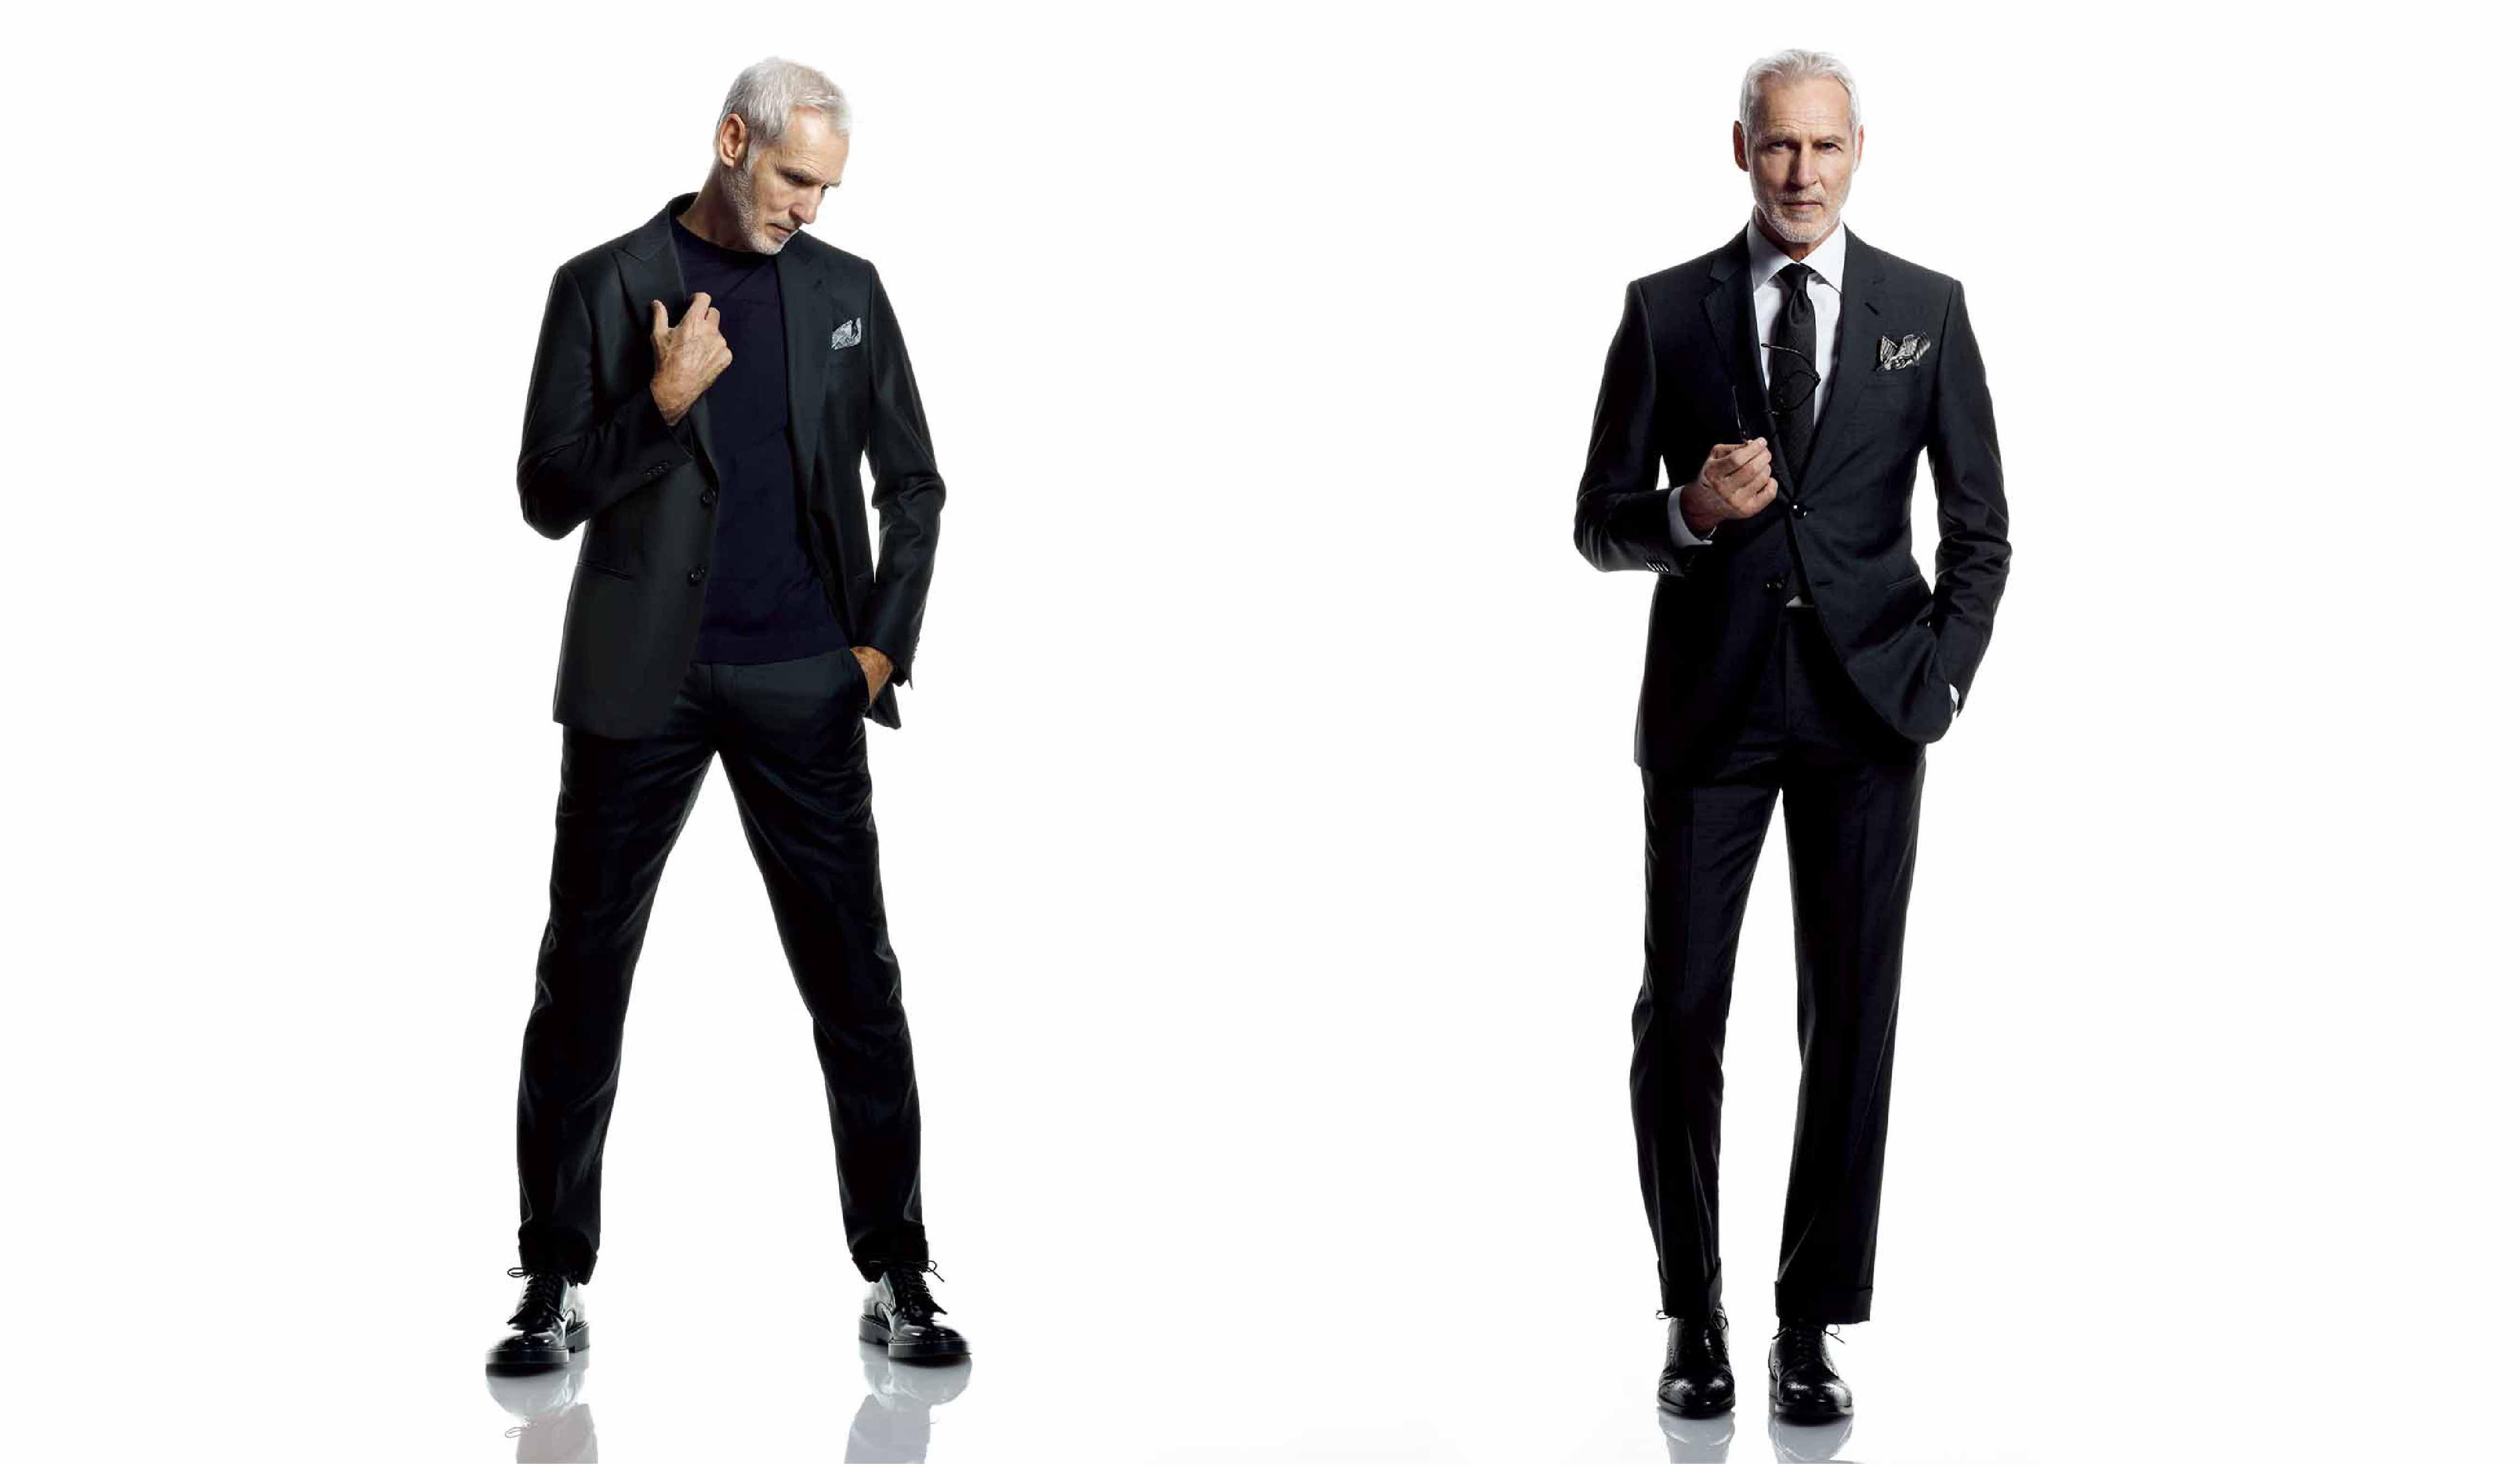 黒いスーツを着た外国人モデル